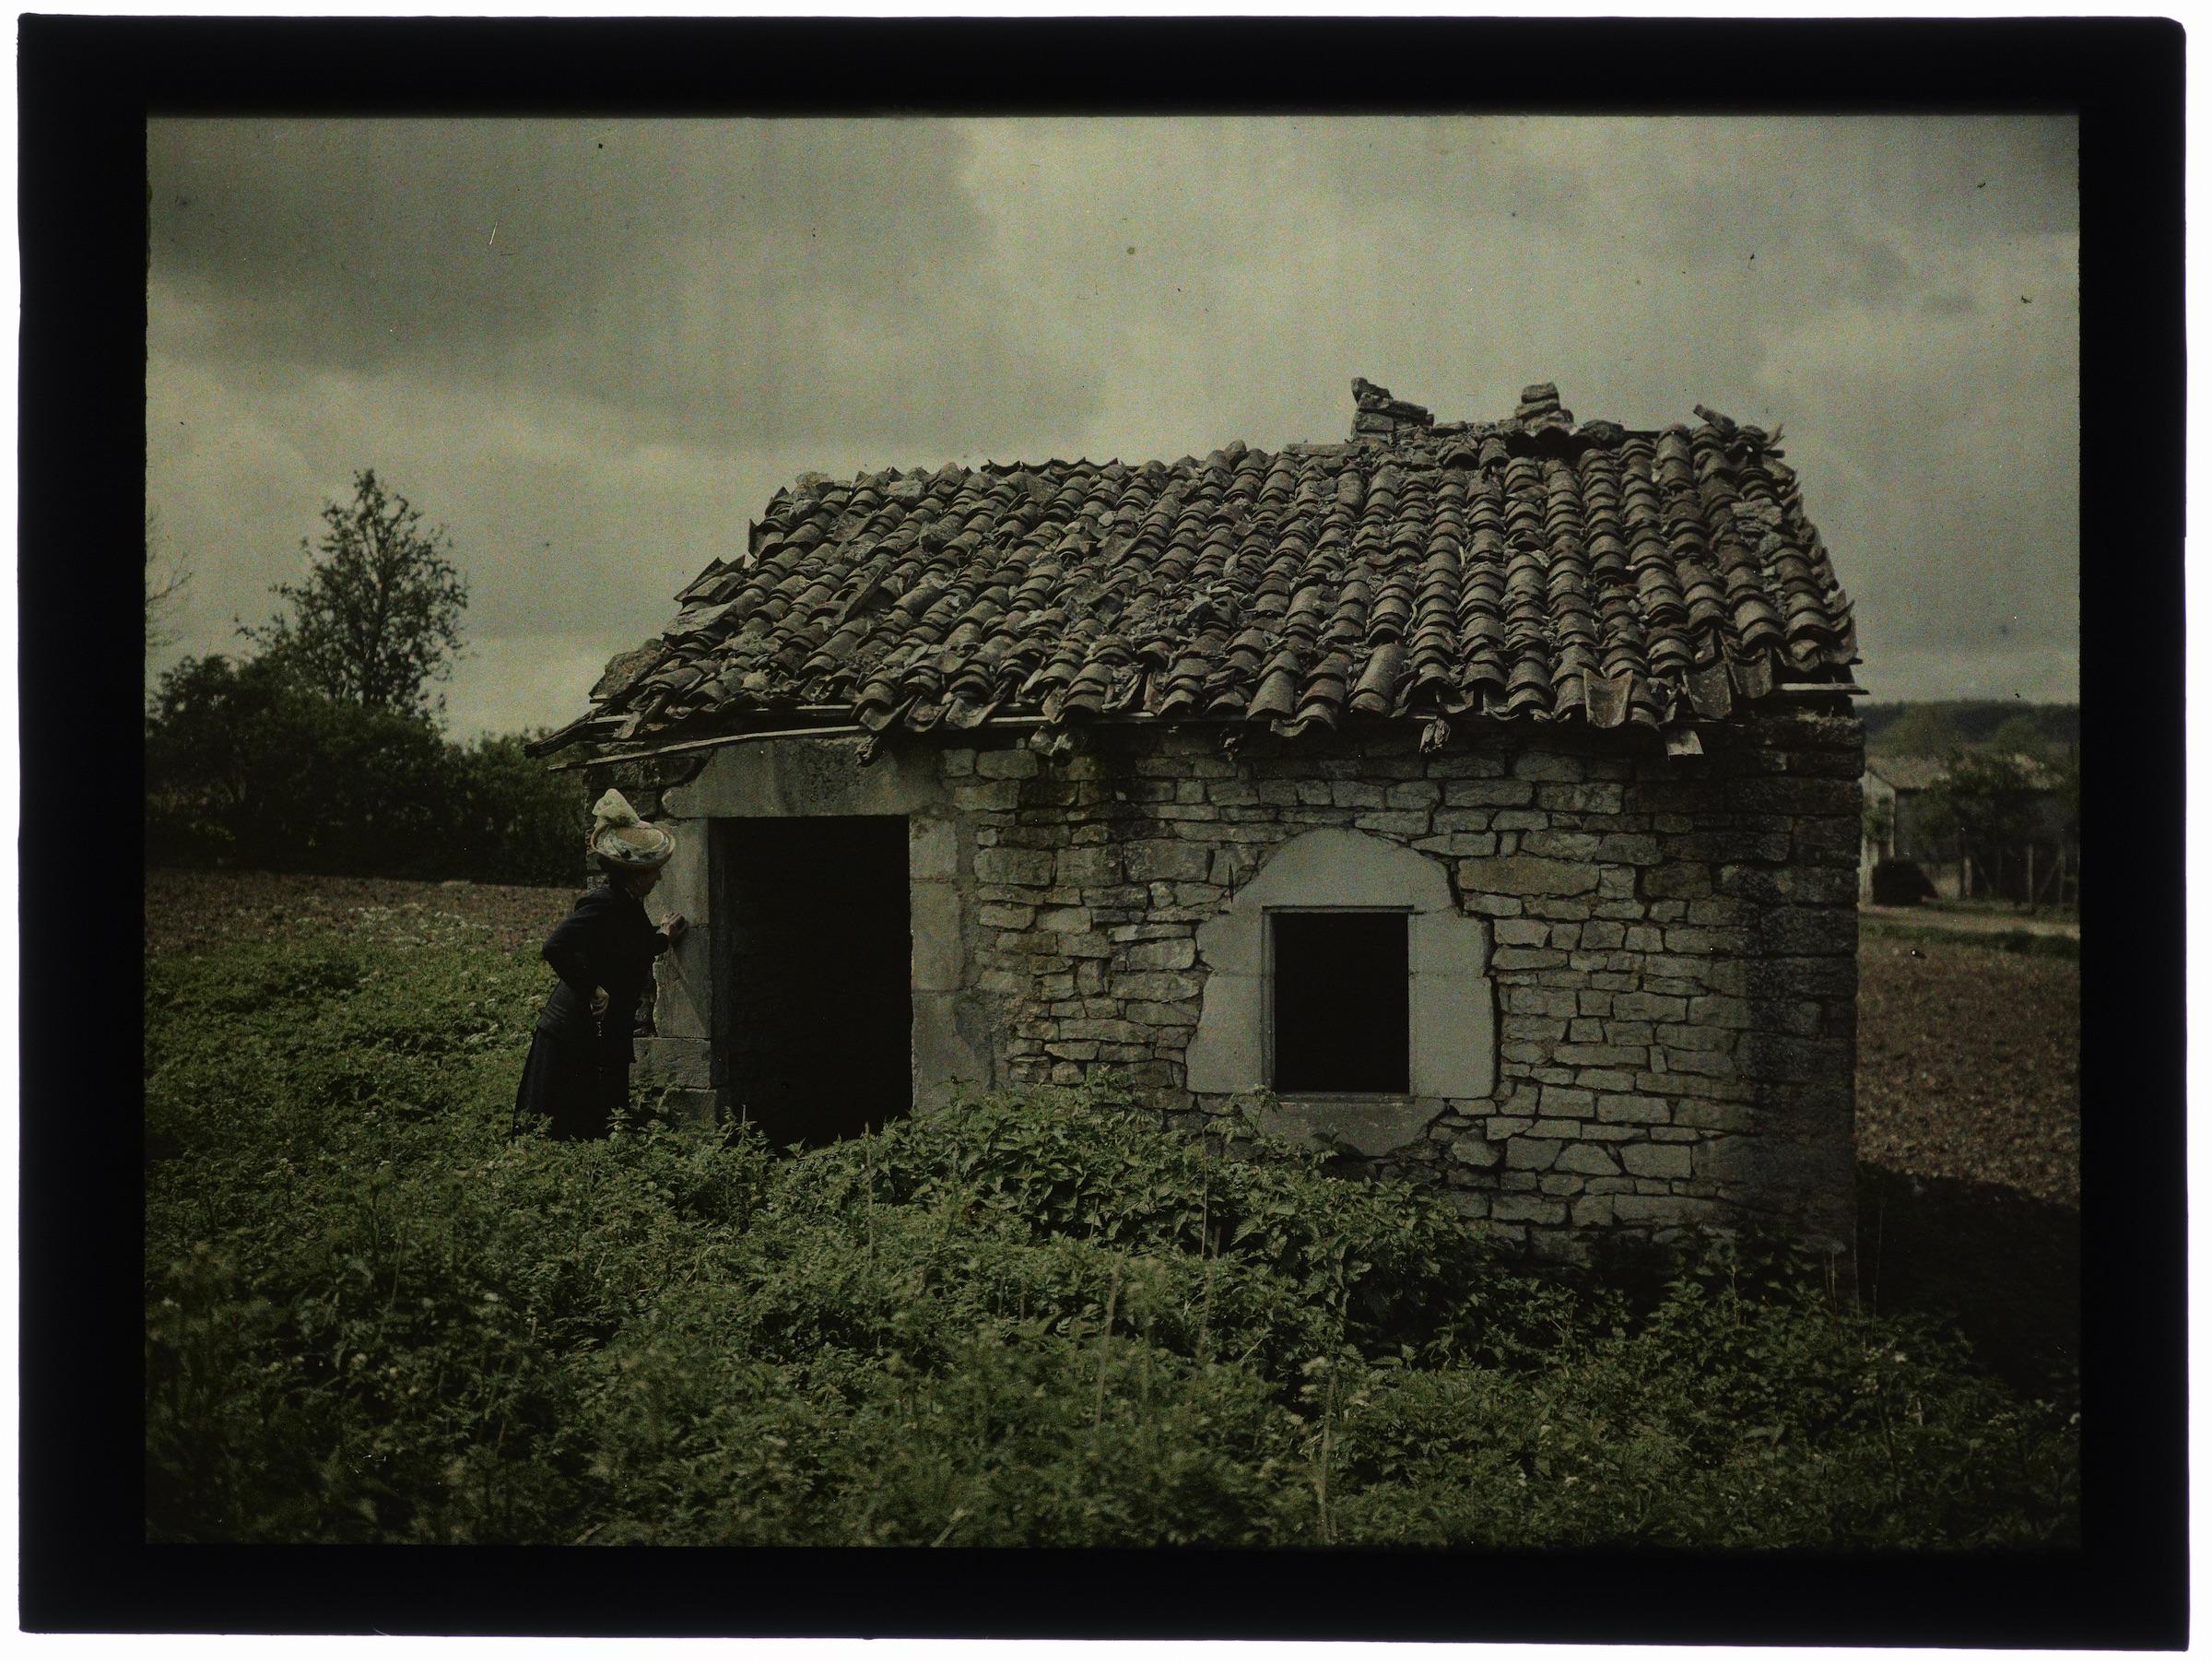 Femme à côté d'une maison en ruine